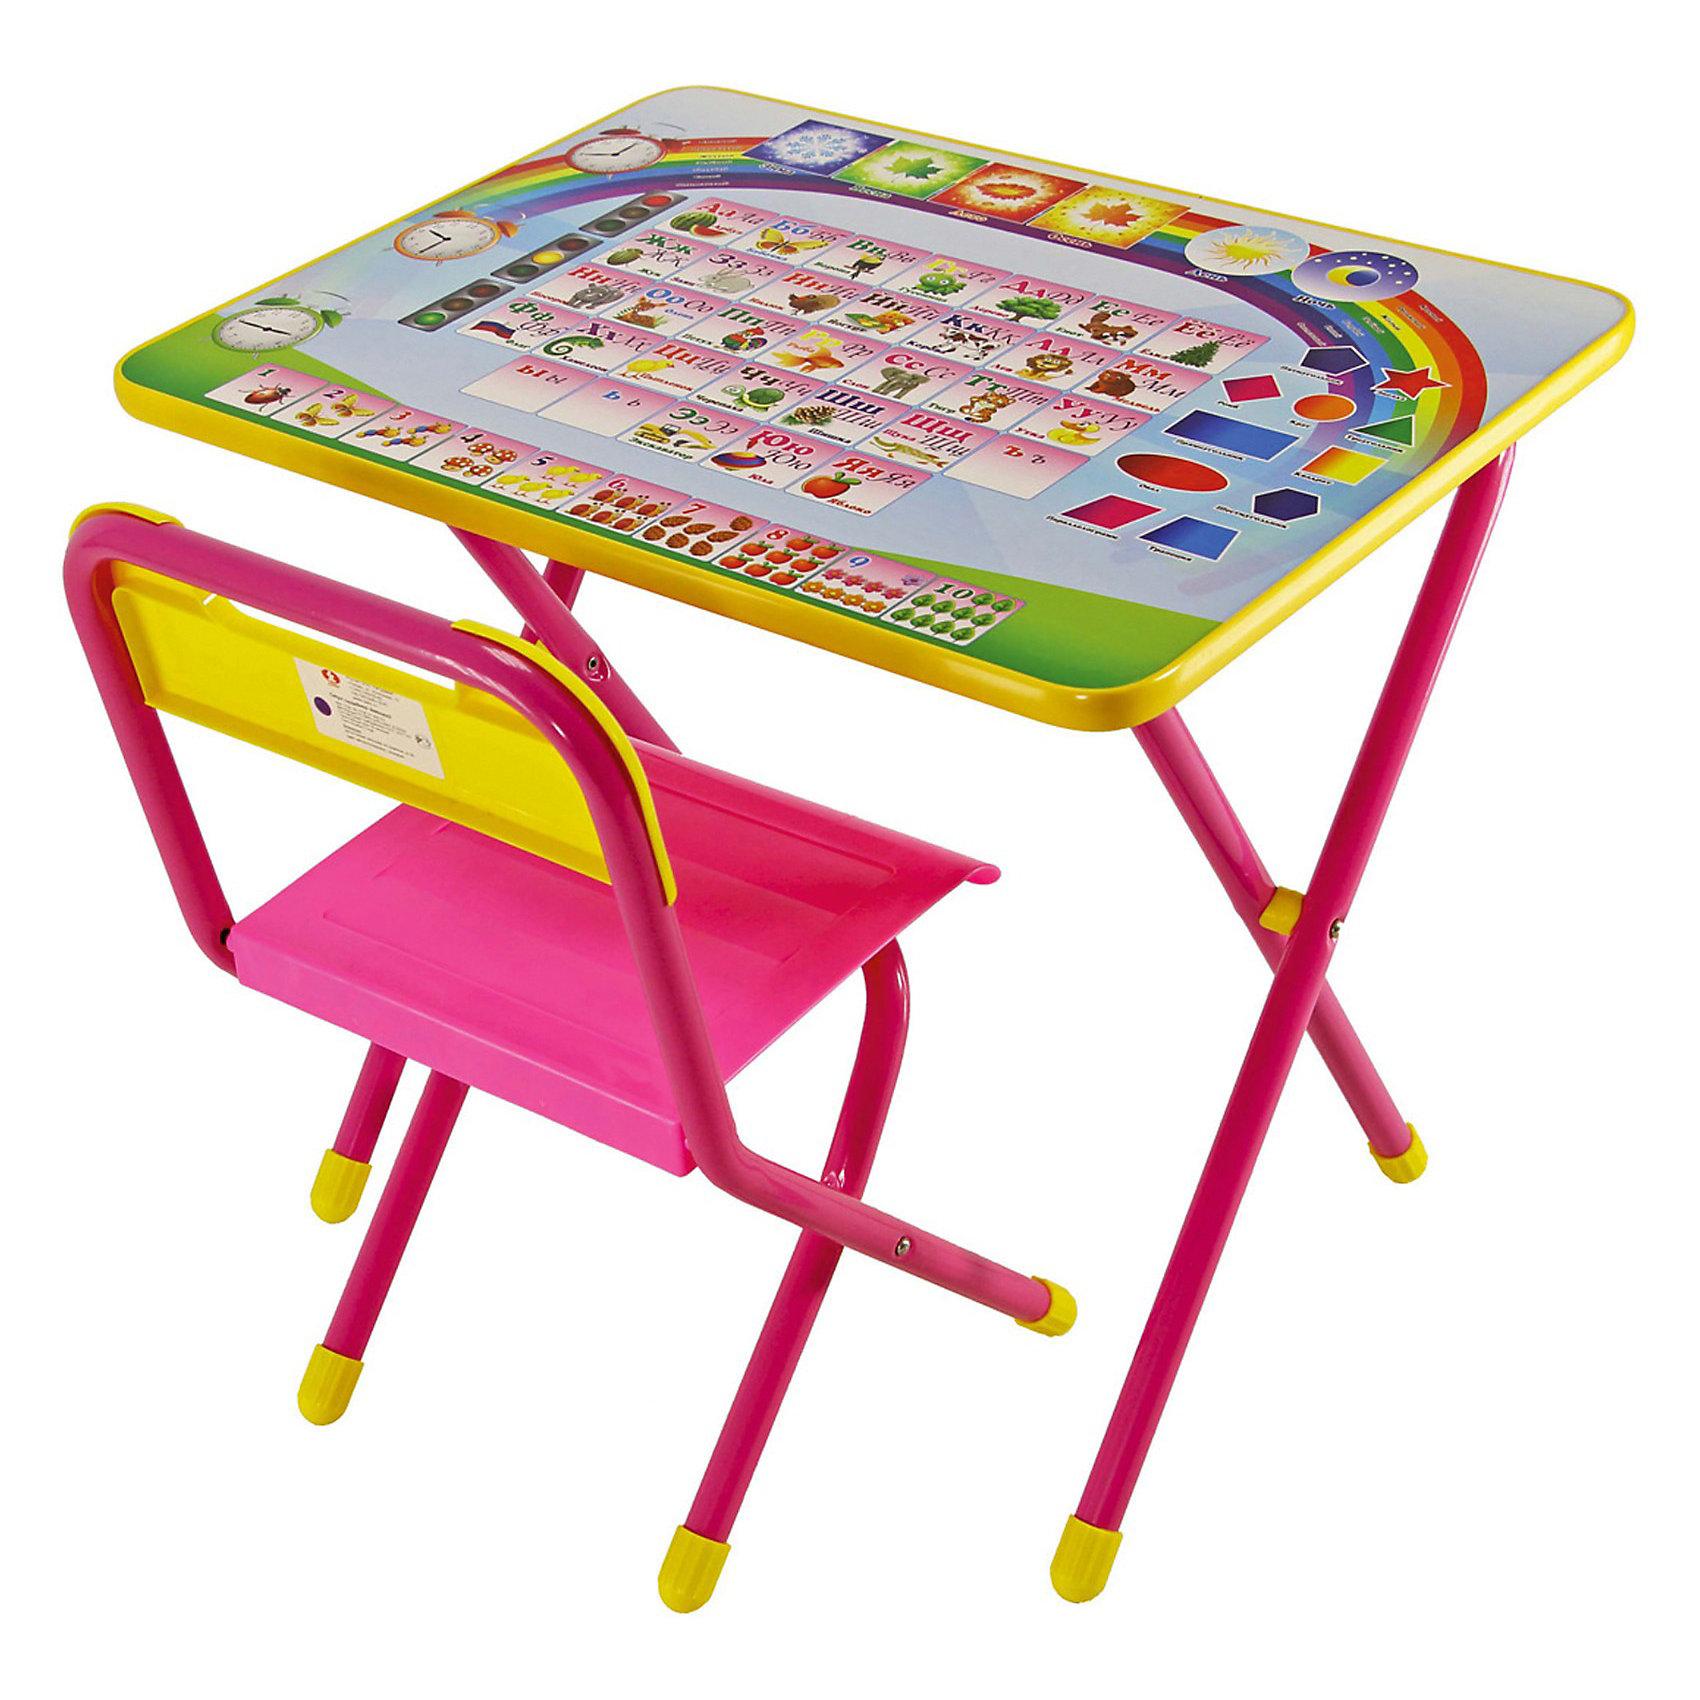 Набор мебели Алфавит (2-5 лет), Дэми, розовыйМебель<br>В набор мебели Дэми Алфавит входит стол и стульчик, которые прекрасно подходят для эксплуатации как дома, так и в дошкольных учреждениях, а также маленький пенал для ручек и карандашей.<br>Ламинированную столешницу легко очищать. На поверхность нанесен яркий обучающий рисунок, состоящий из букв и цифр, который явно заинтересует ребёнка.<br>За столом Ваш ребенок сможет заниматься рисованием, лепкой, чтением или просто играть, изучать алфавит, цвета, формы и т.д.<br>При необходимости набор легко складывает и убирается, поэтому он подходит даже для помещений маленькой площади.<br><br>Данный набор подходит под возрастную категорию детей от 2 до 5 лет.<br><br>Дополнительная информация:<br><br>- вес: 8 кг. <br>- цвет: розовый <br>- размеры: 15х64х74 см.<br>- материал:  металл, пластмасса <br>- размеры столешницы: 45х60 см.<br>- высота до плоскости столешницы: 46 см.<br>- высота по сиденью: 26 см.<br>- высота верхнего края спинки: 24 см.<br>- допустимая нагрузка на сиденье до 30 кг.<br><br>Розовый набор детской мебели Алфавит с пеналом, Дэми можно купить в нашем интернет магазине.<br><br>Ширина мм: 150<br>Глубина мм: 740<br>Высота мм: 640<br>Вес г: 8000<br>Возраст от месяцев: 24<br>Возраст до месяцев: 60<br>Пол: Женский<br>Возраст: Детский<br>SKU: 3530355